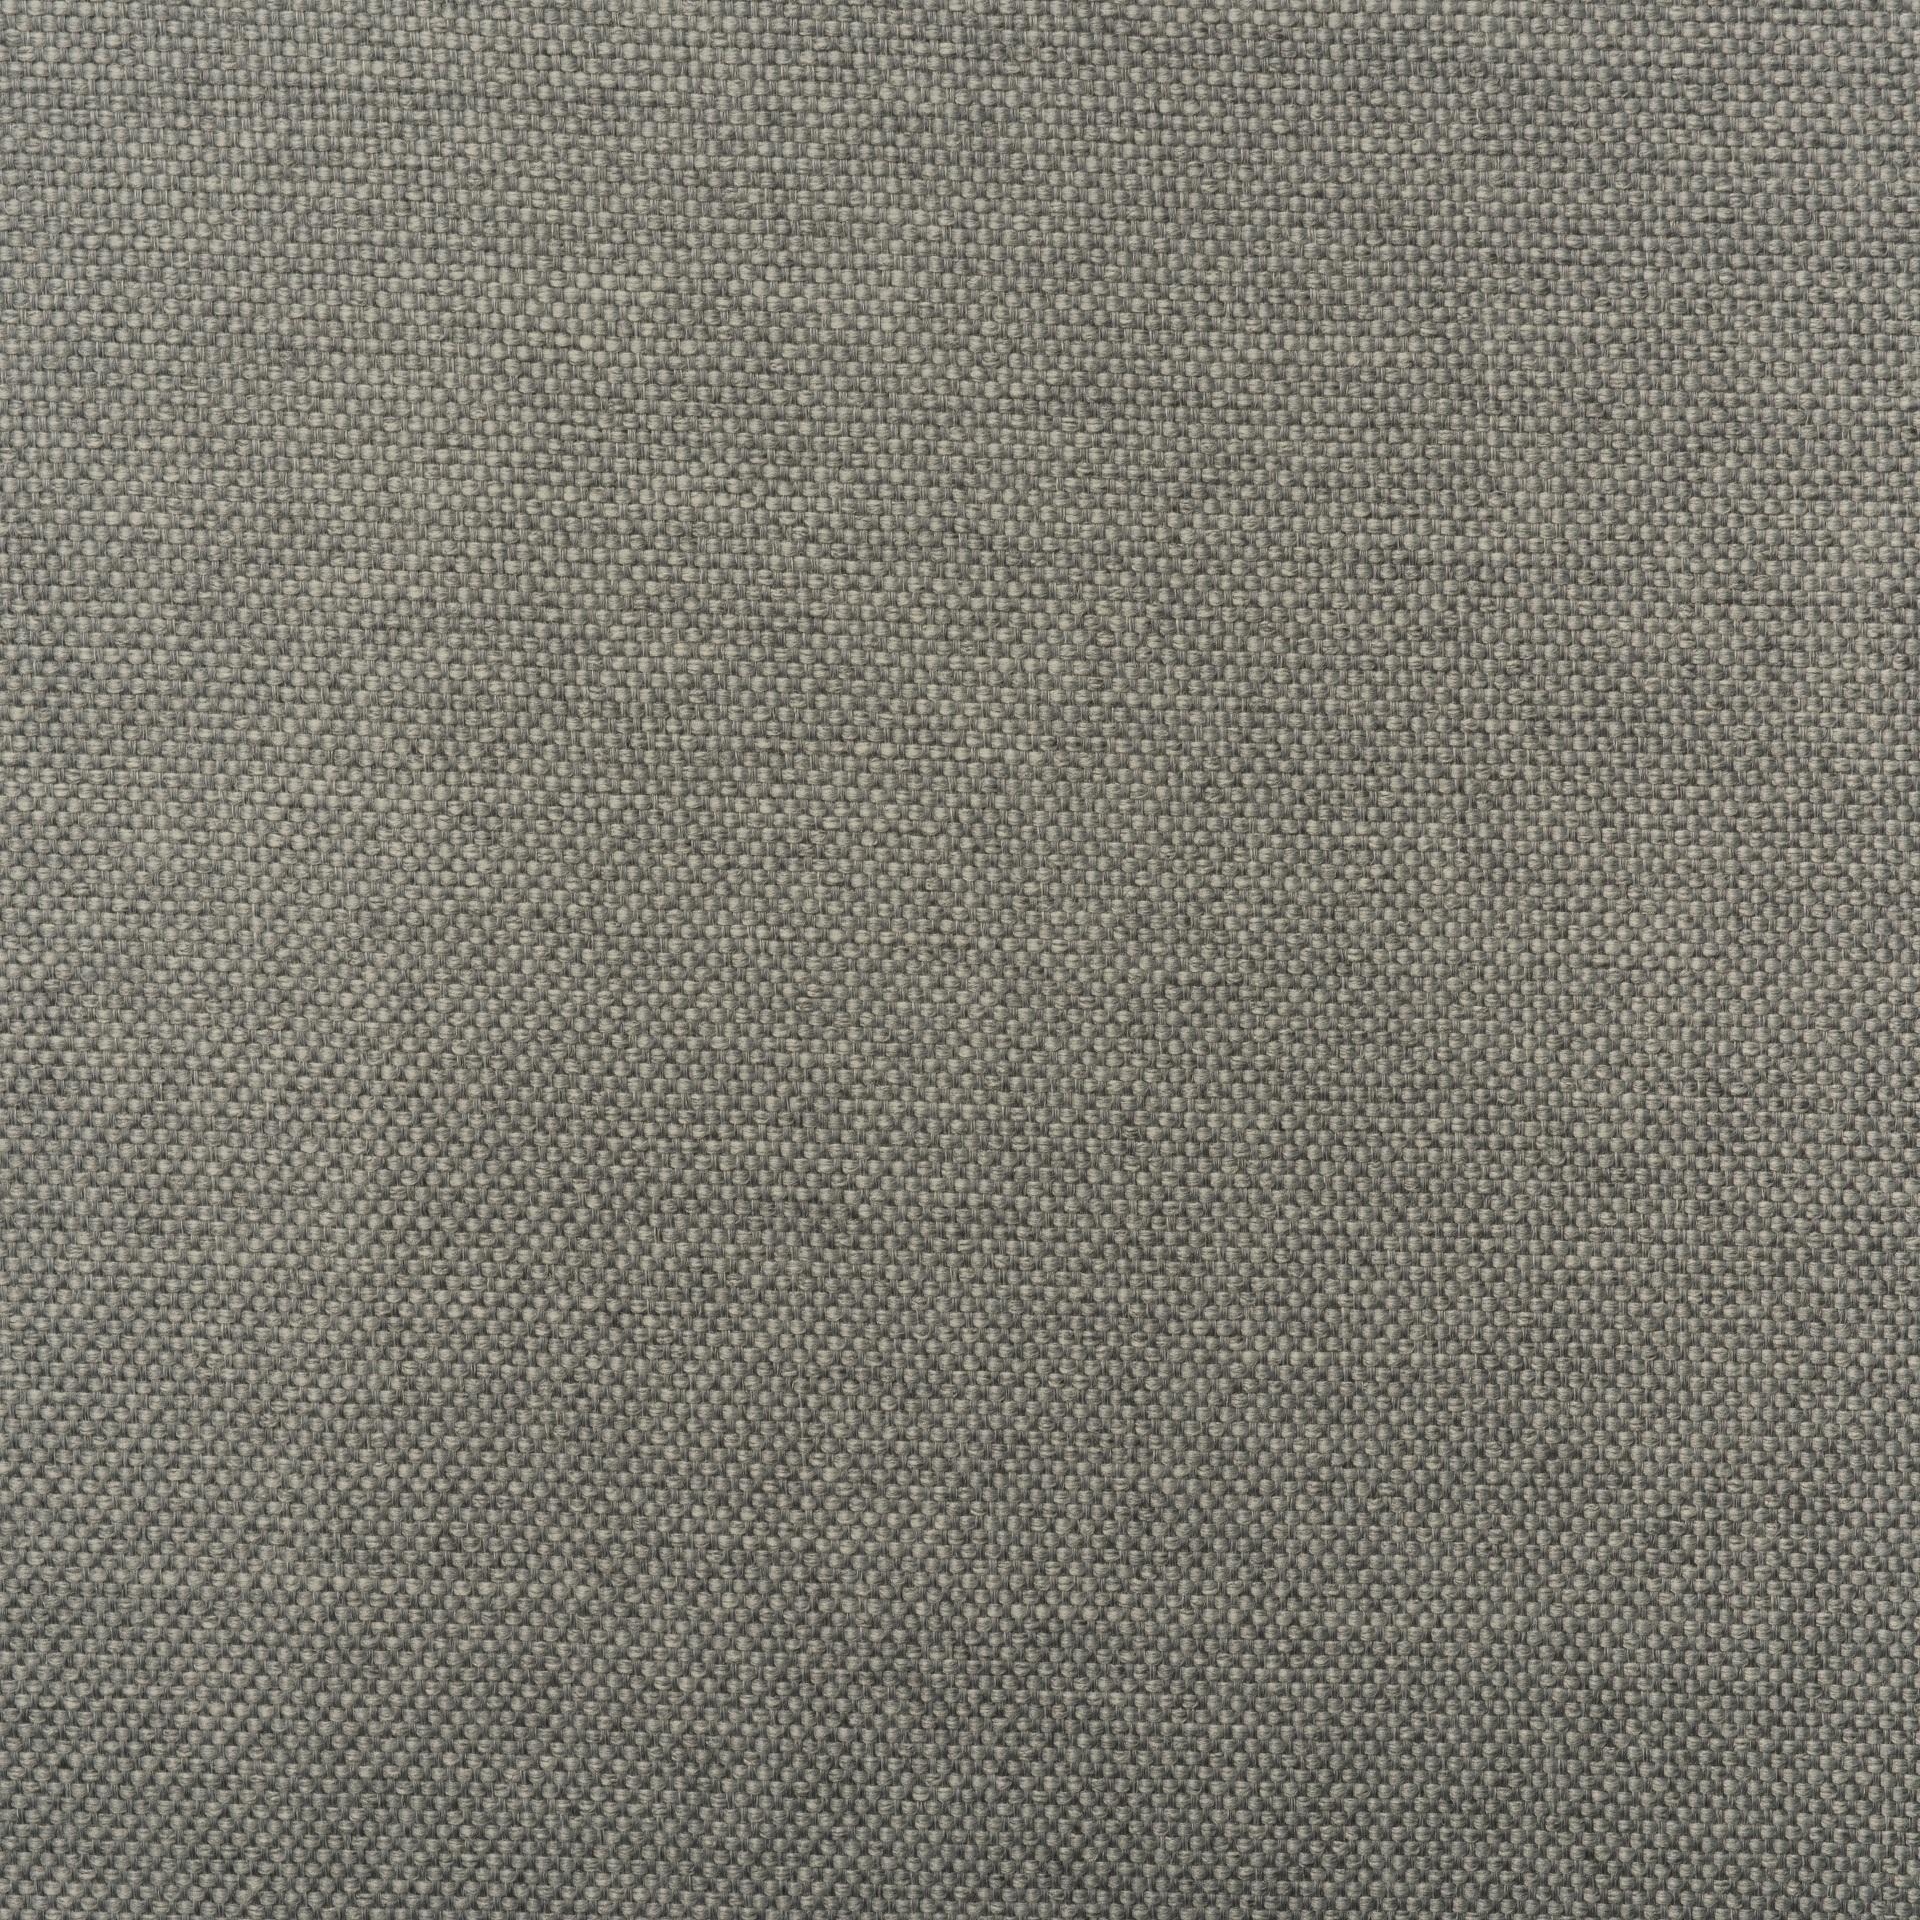 Коллекция ткани Багама 31 Olive,  купить ткань Жаккард для мебели Украина